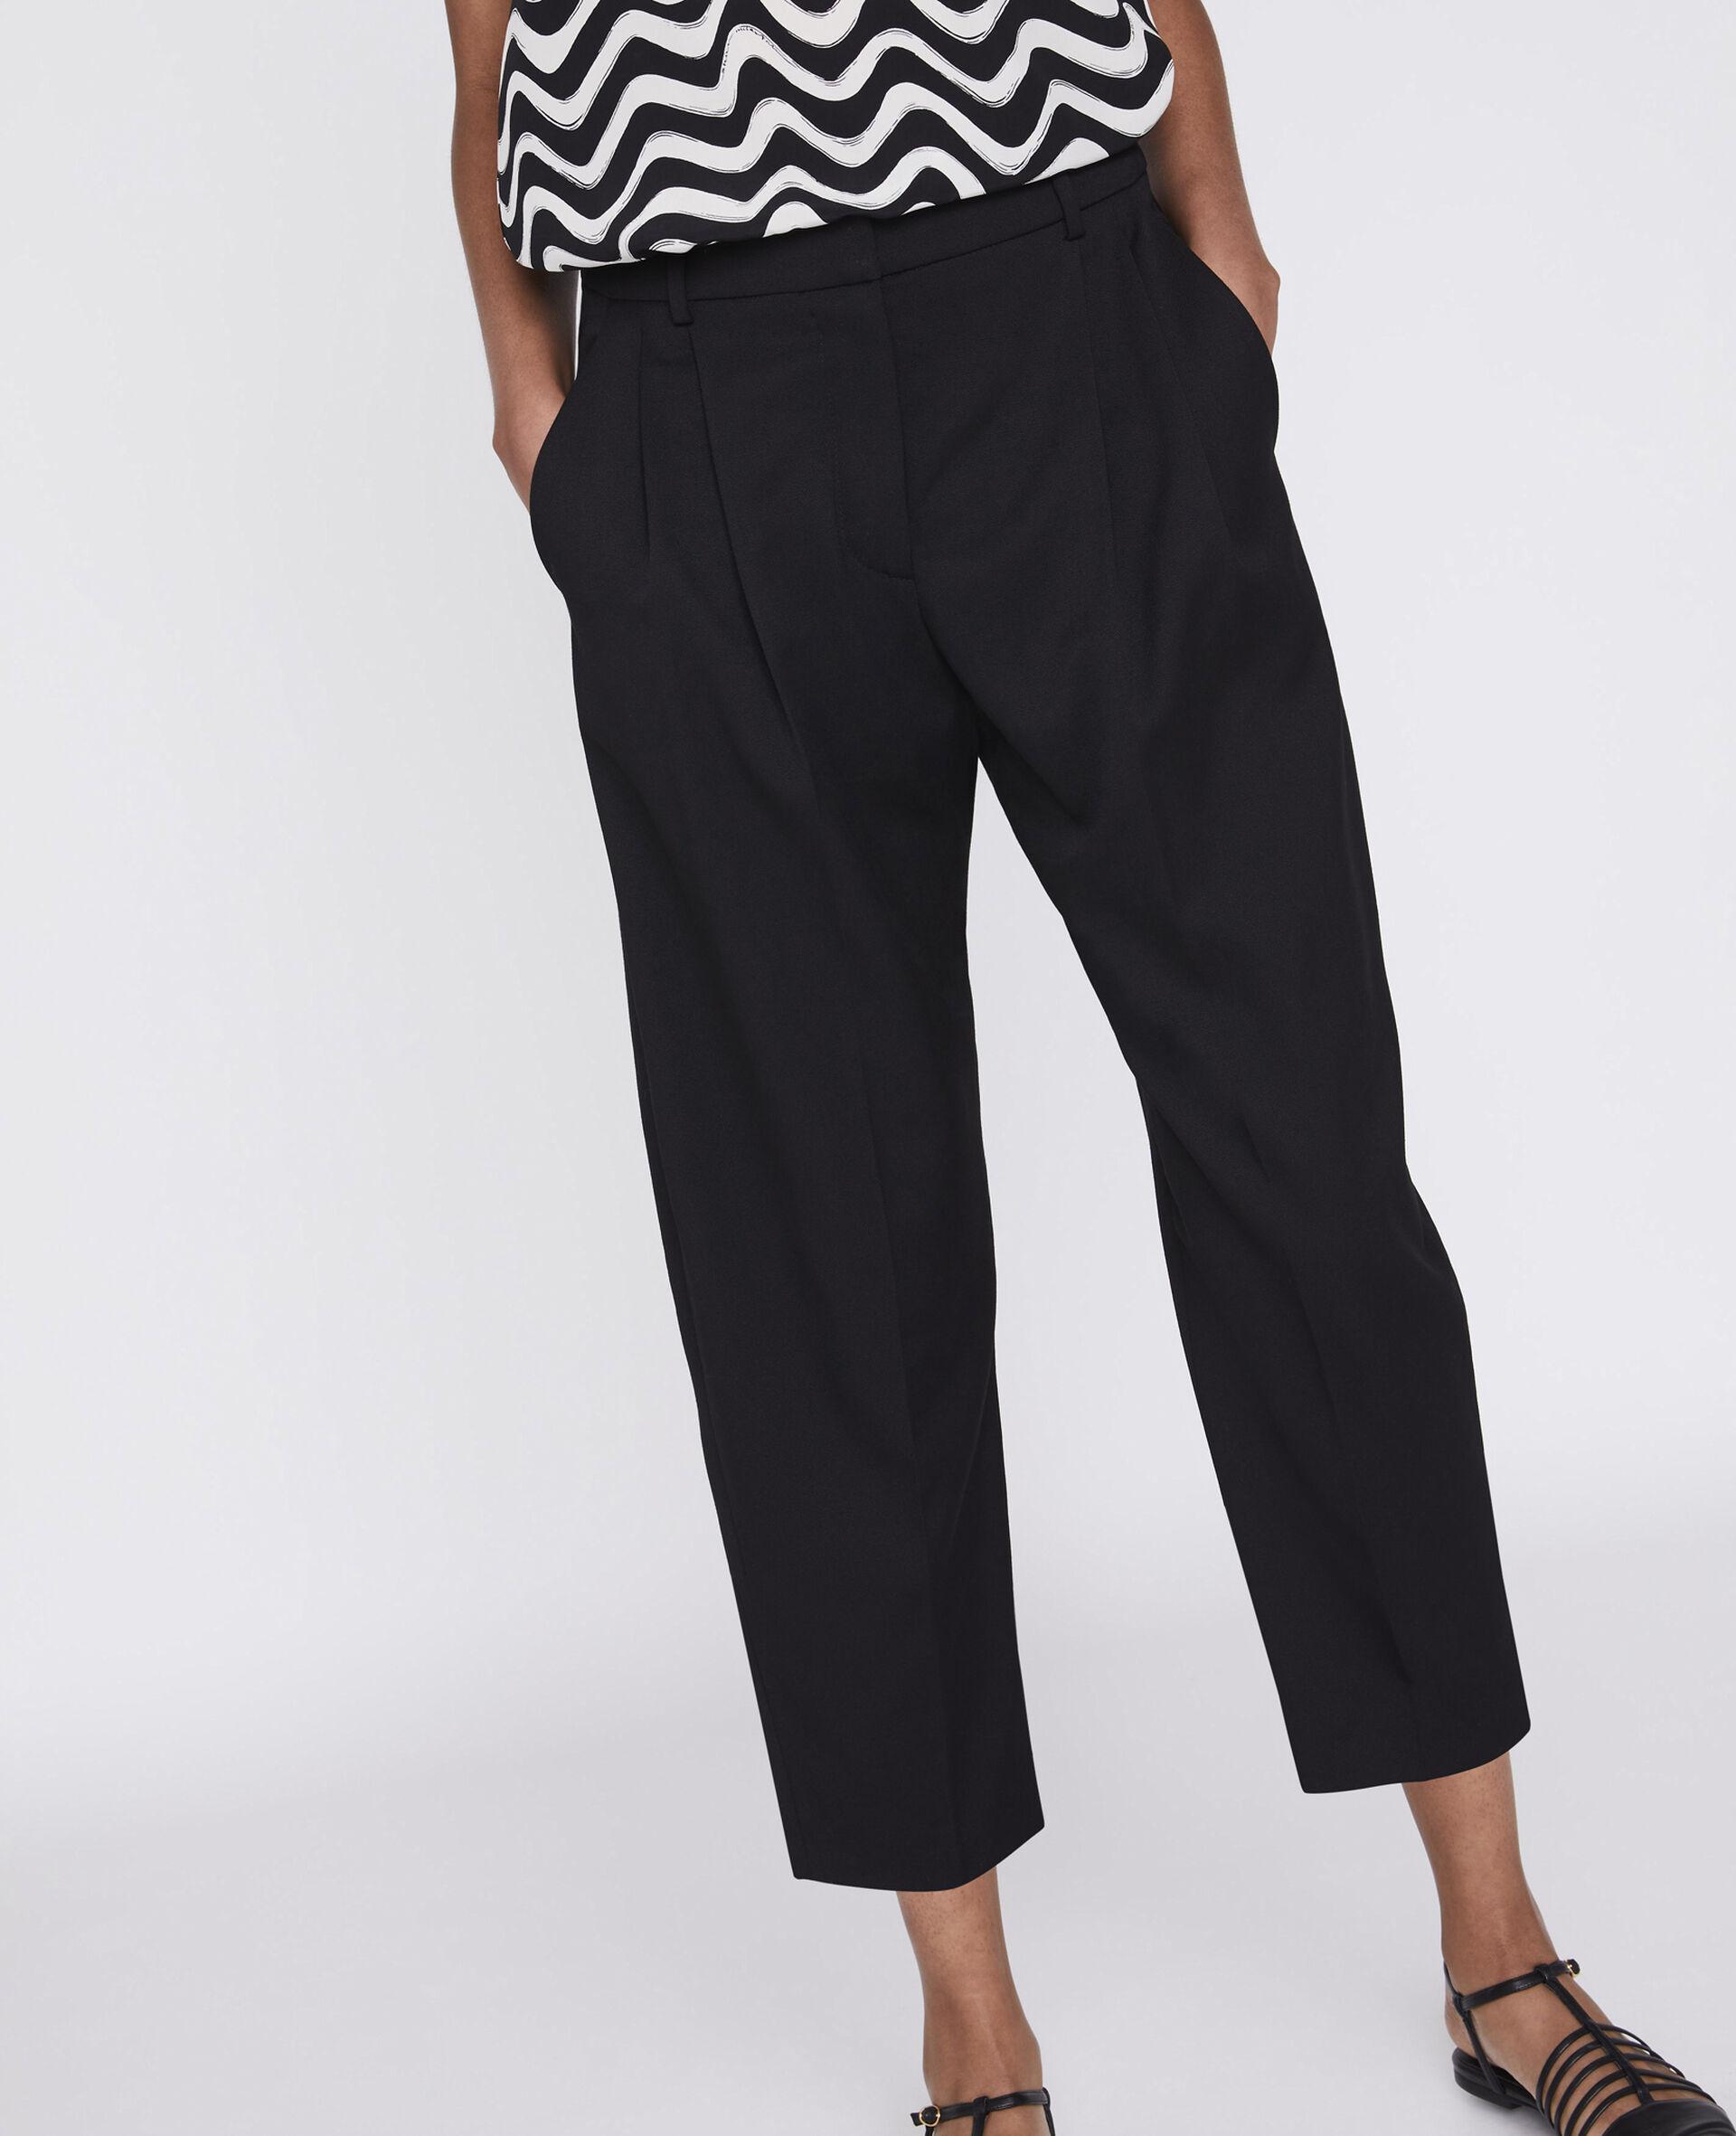 Pantalon ajusté Dawson-Noir-large image number 3